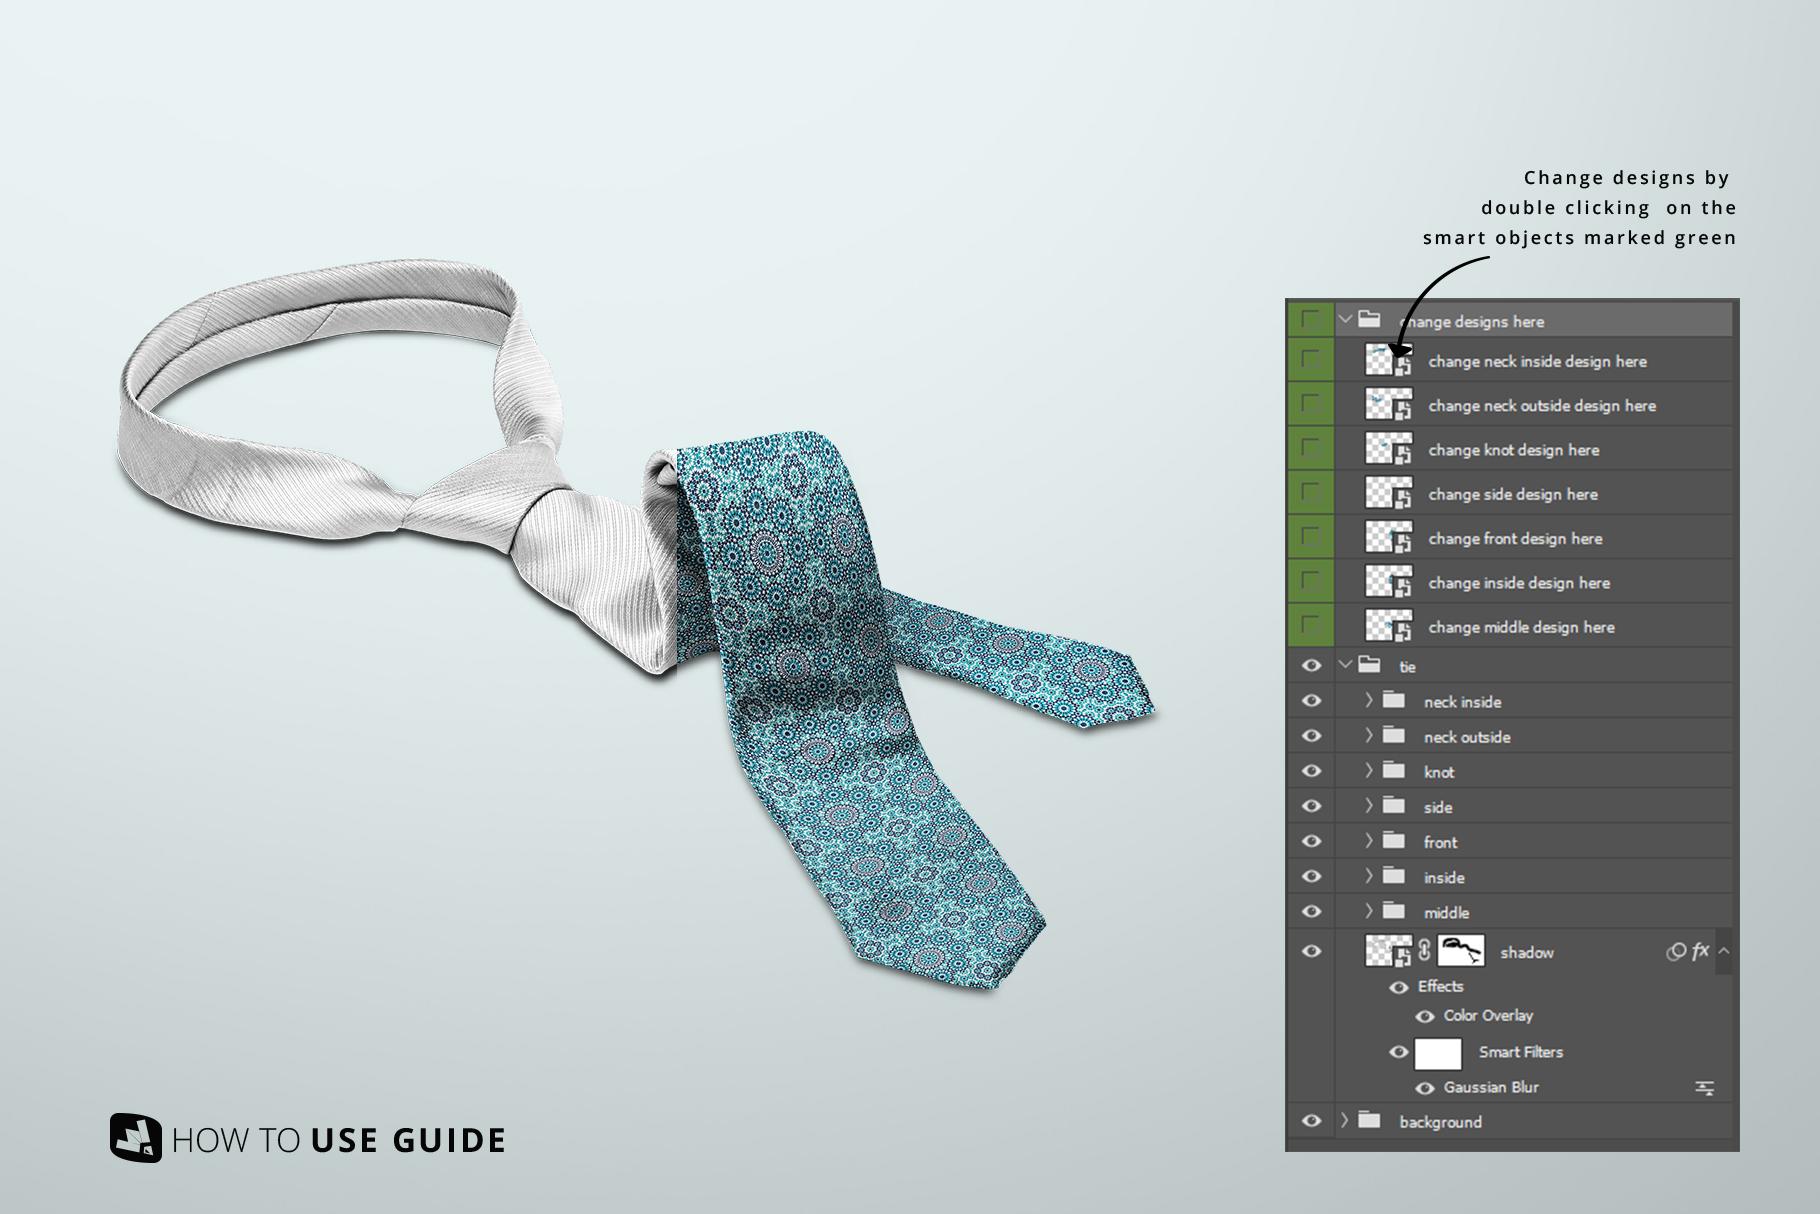 change design guide of the men's formal tie mockup